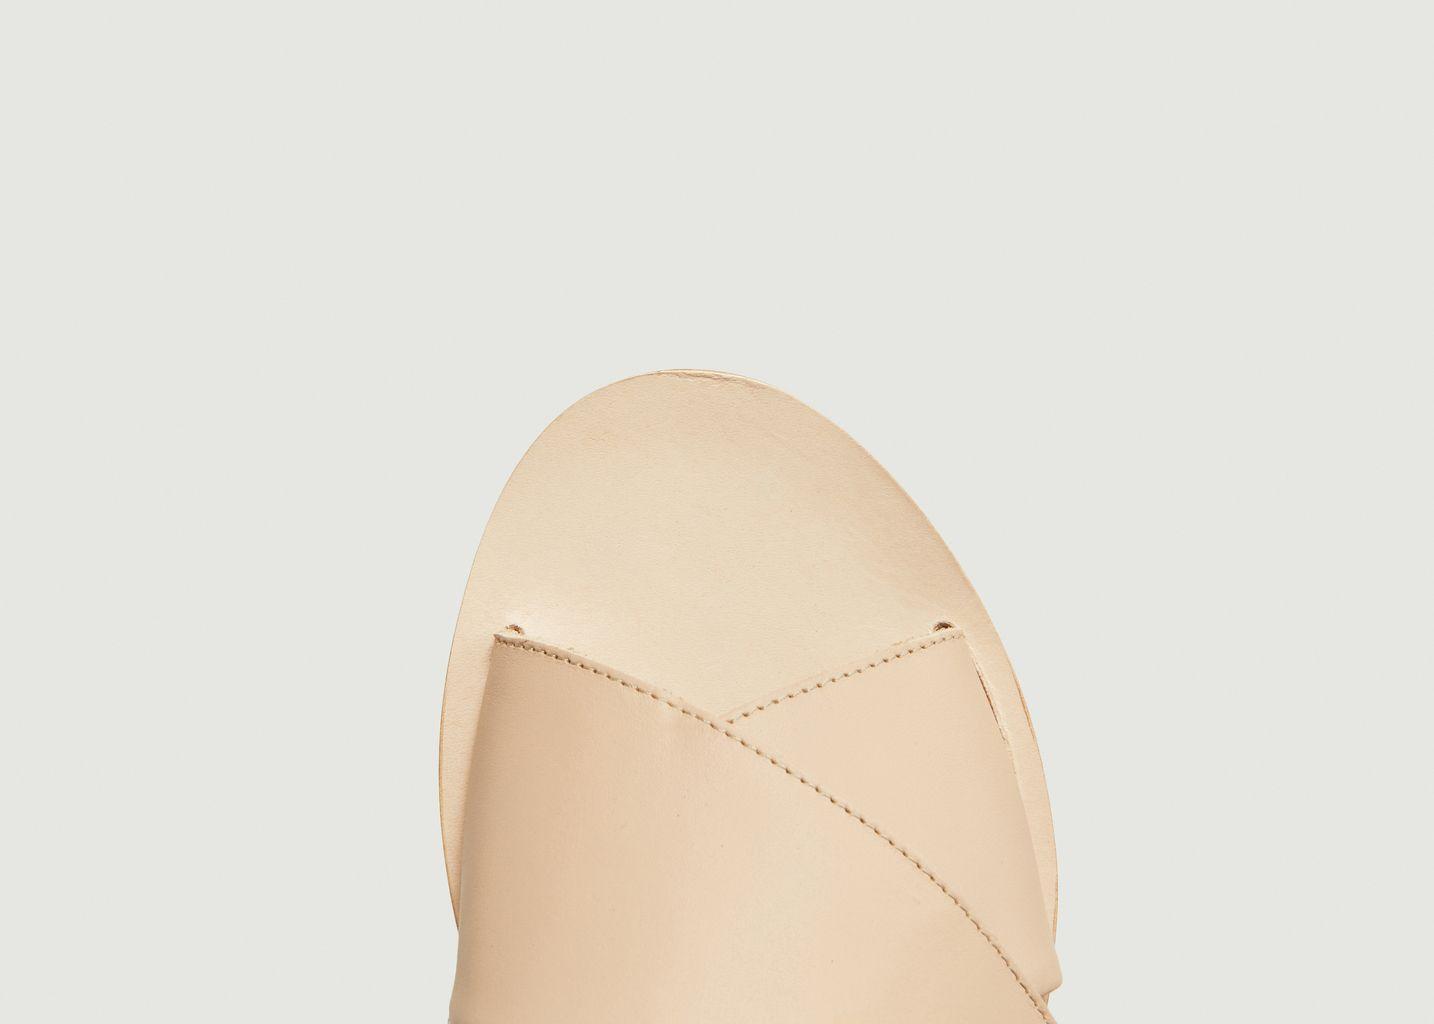 Sandales Perle n°12 - Pairs in Paris